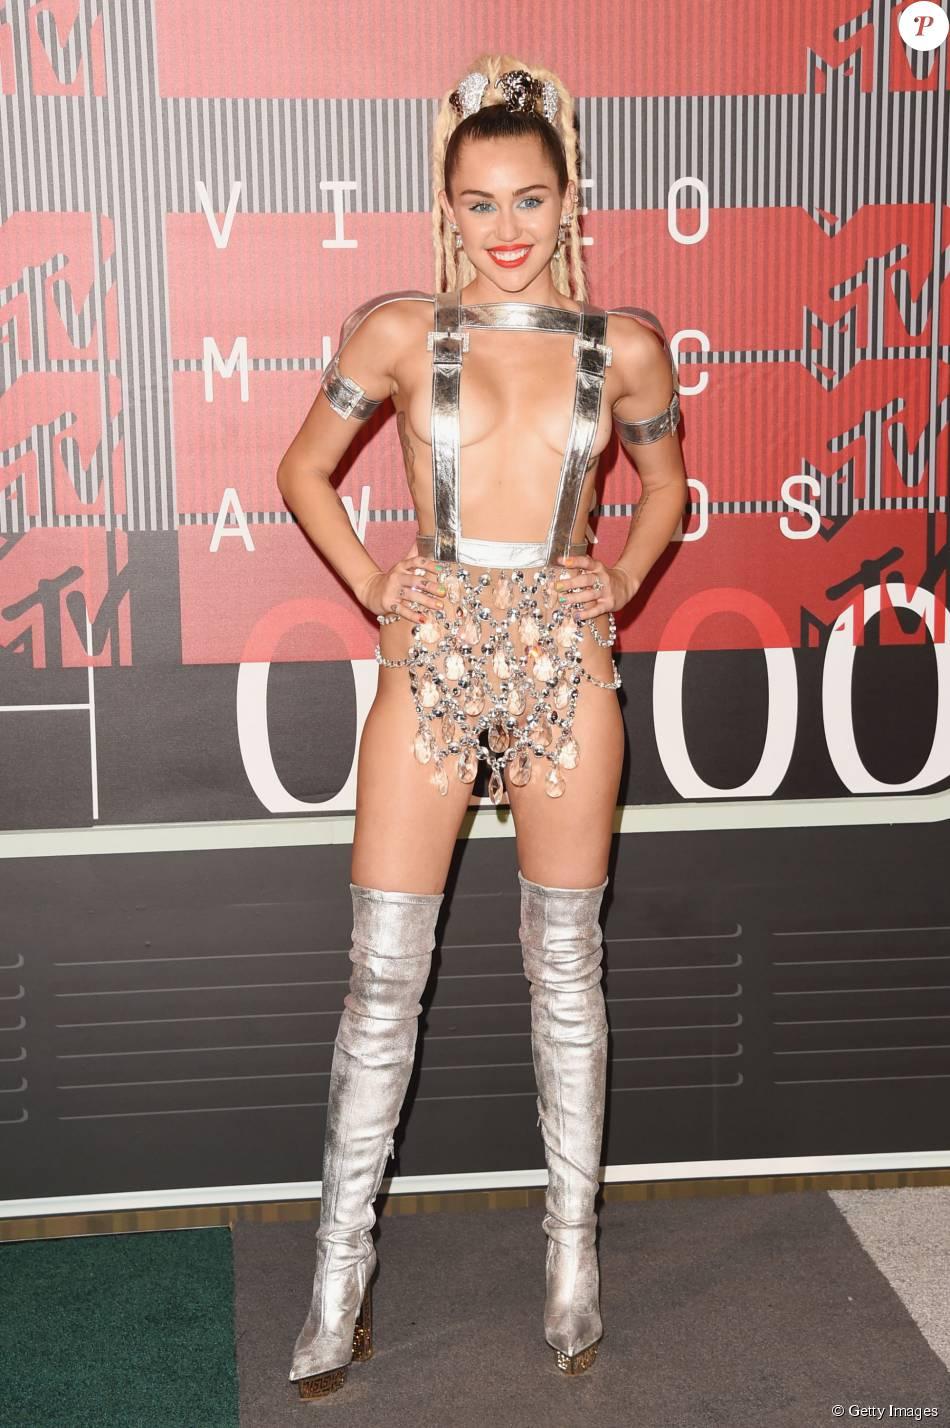 Miley Cyrus chegou ao VMA 2015 com um look ousado. A popstar escolheu um suspensório prata, que tampava apenas seus mamilos, e uma tanga de material transparente